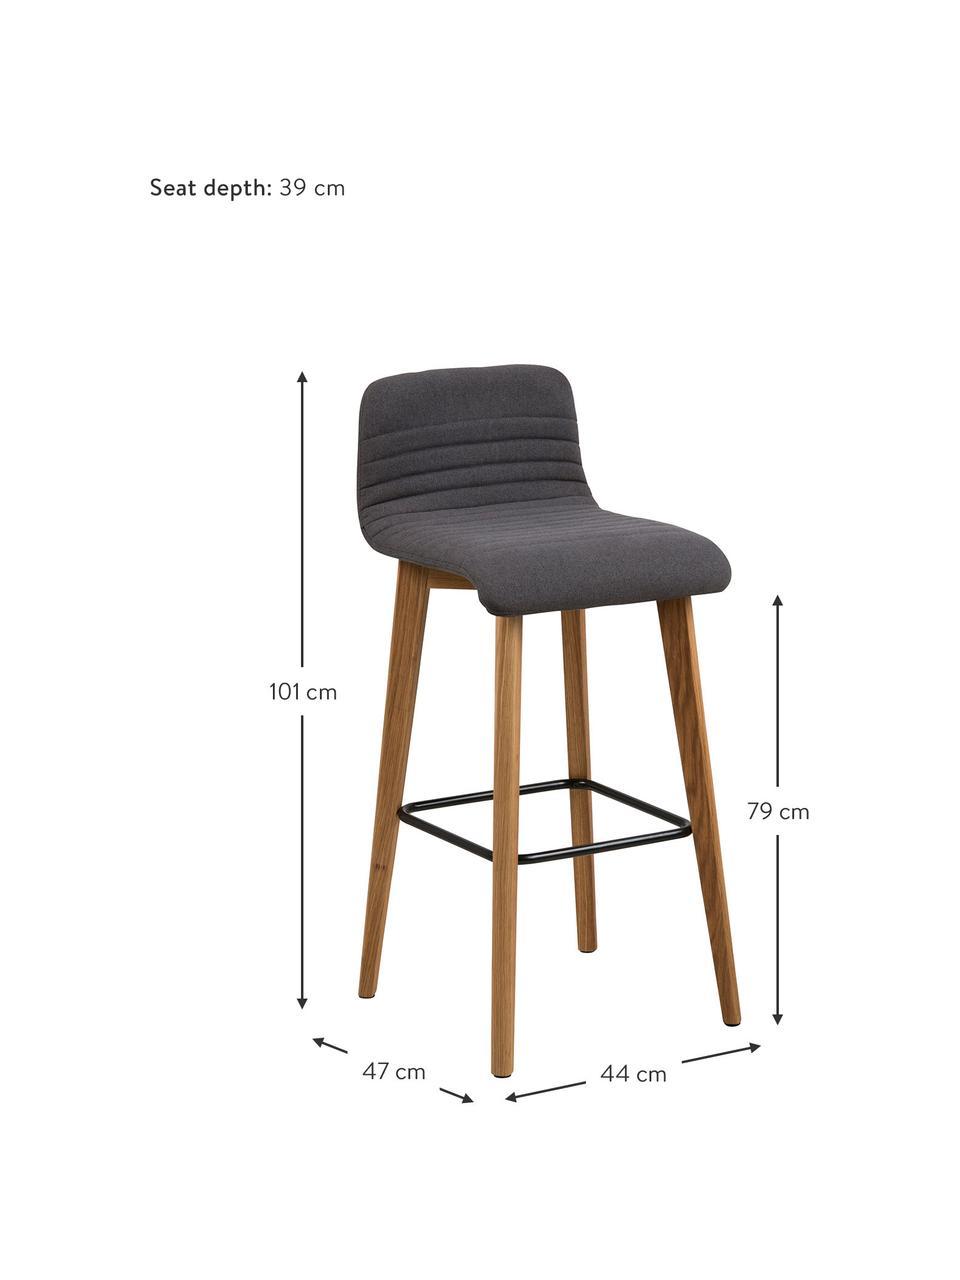 Krzesło barowe  Arosa, Tapicerka: poliester, Nogi: drewno dębowe, Tapicerka: antracytowy Nogi: drewno dębowe Podnóżek: czarny, S 44 x W 101 cm